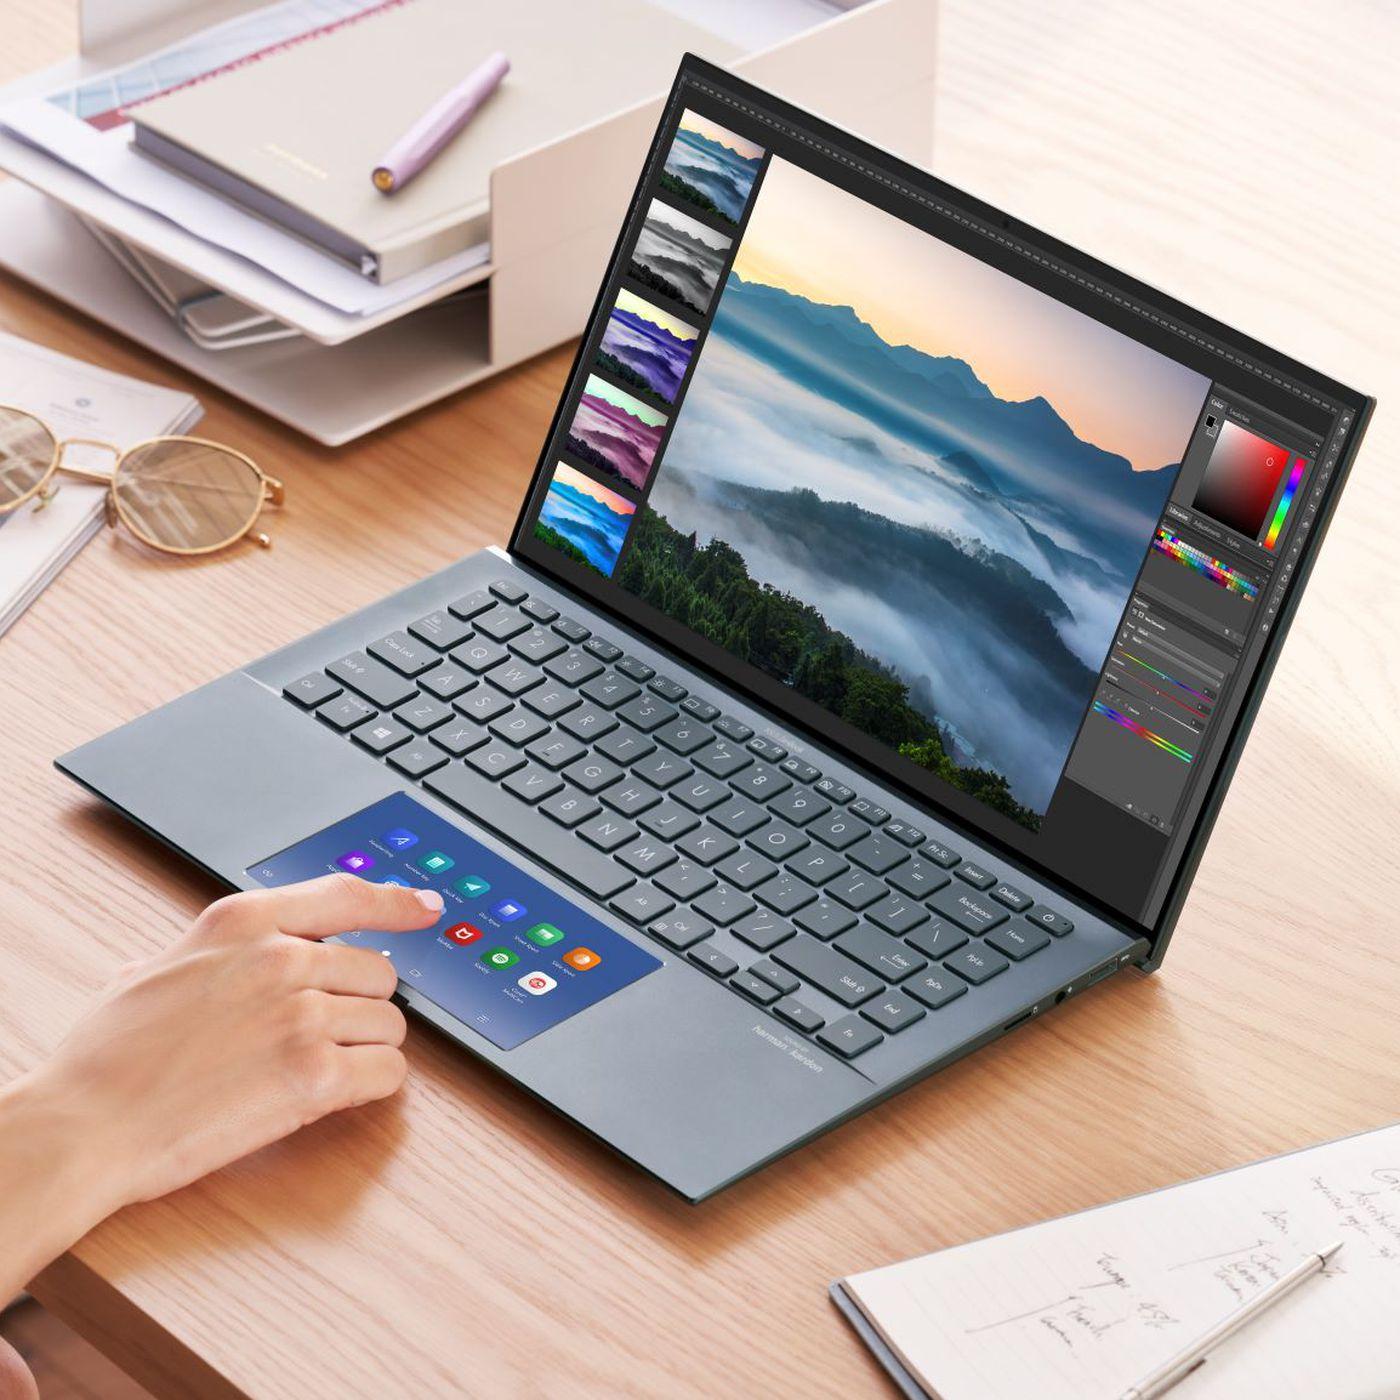 قیمت لپ تاپ ایسوس R545 i7